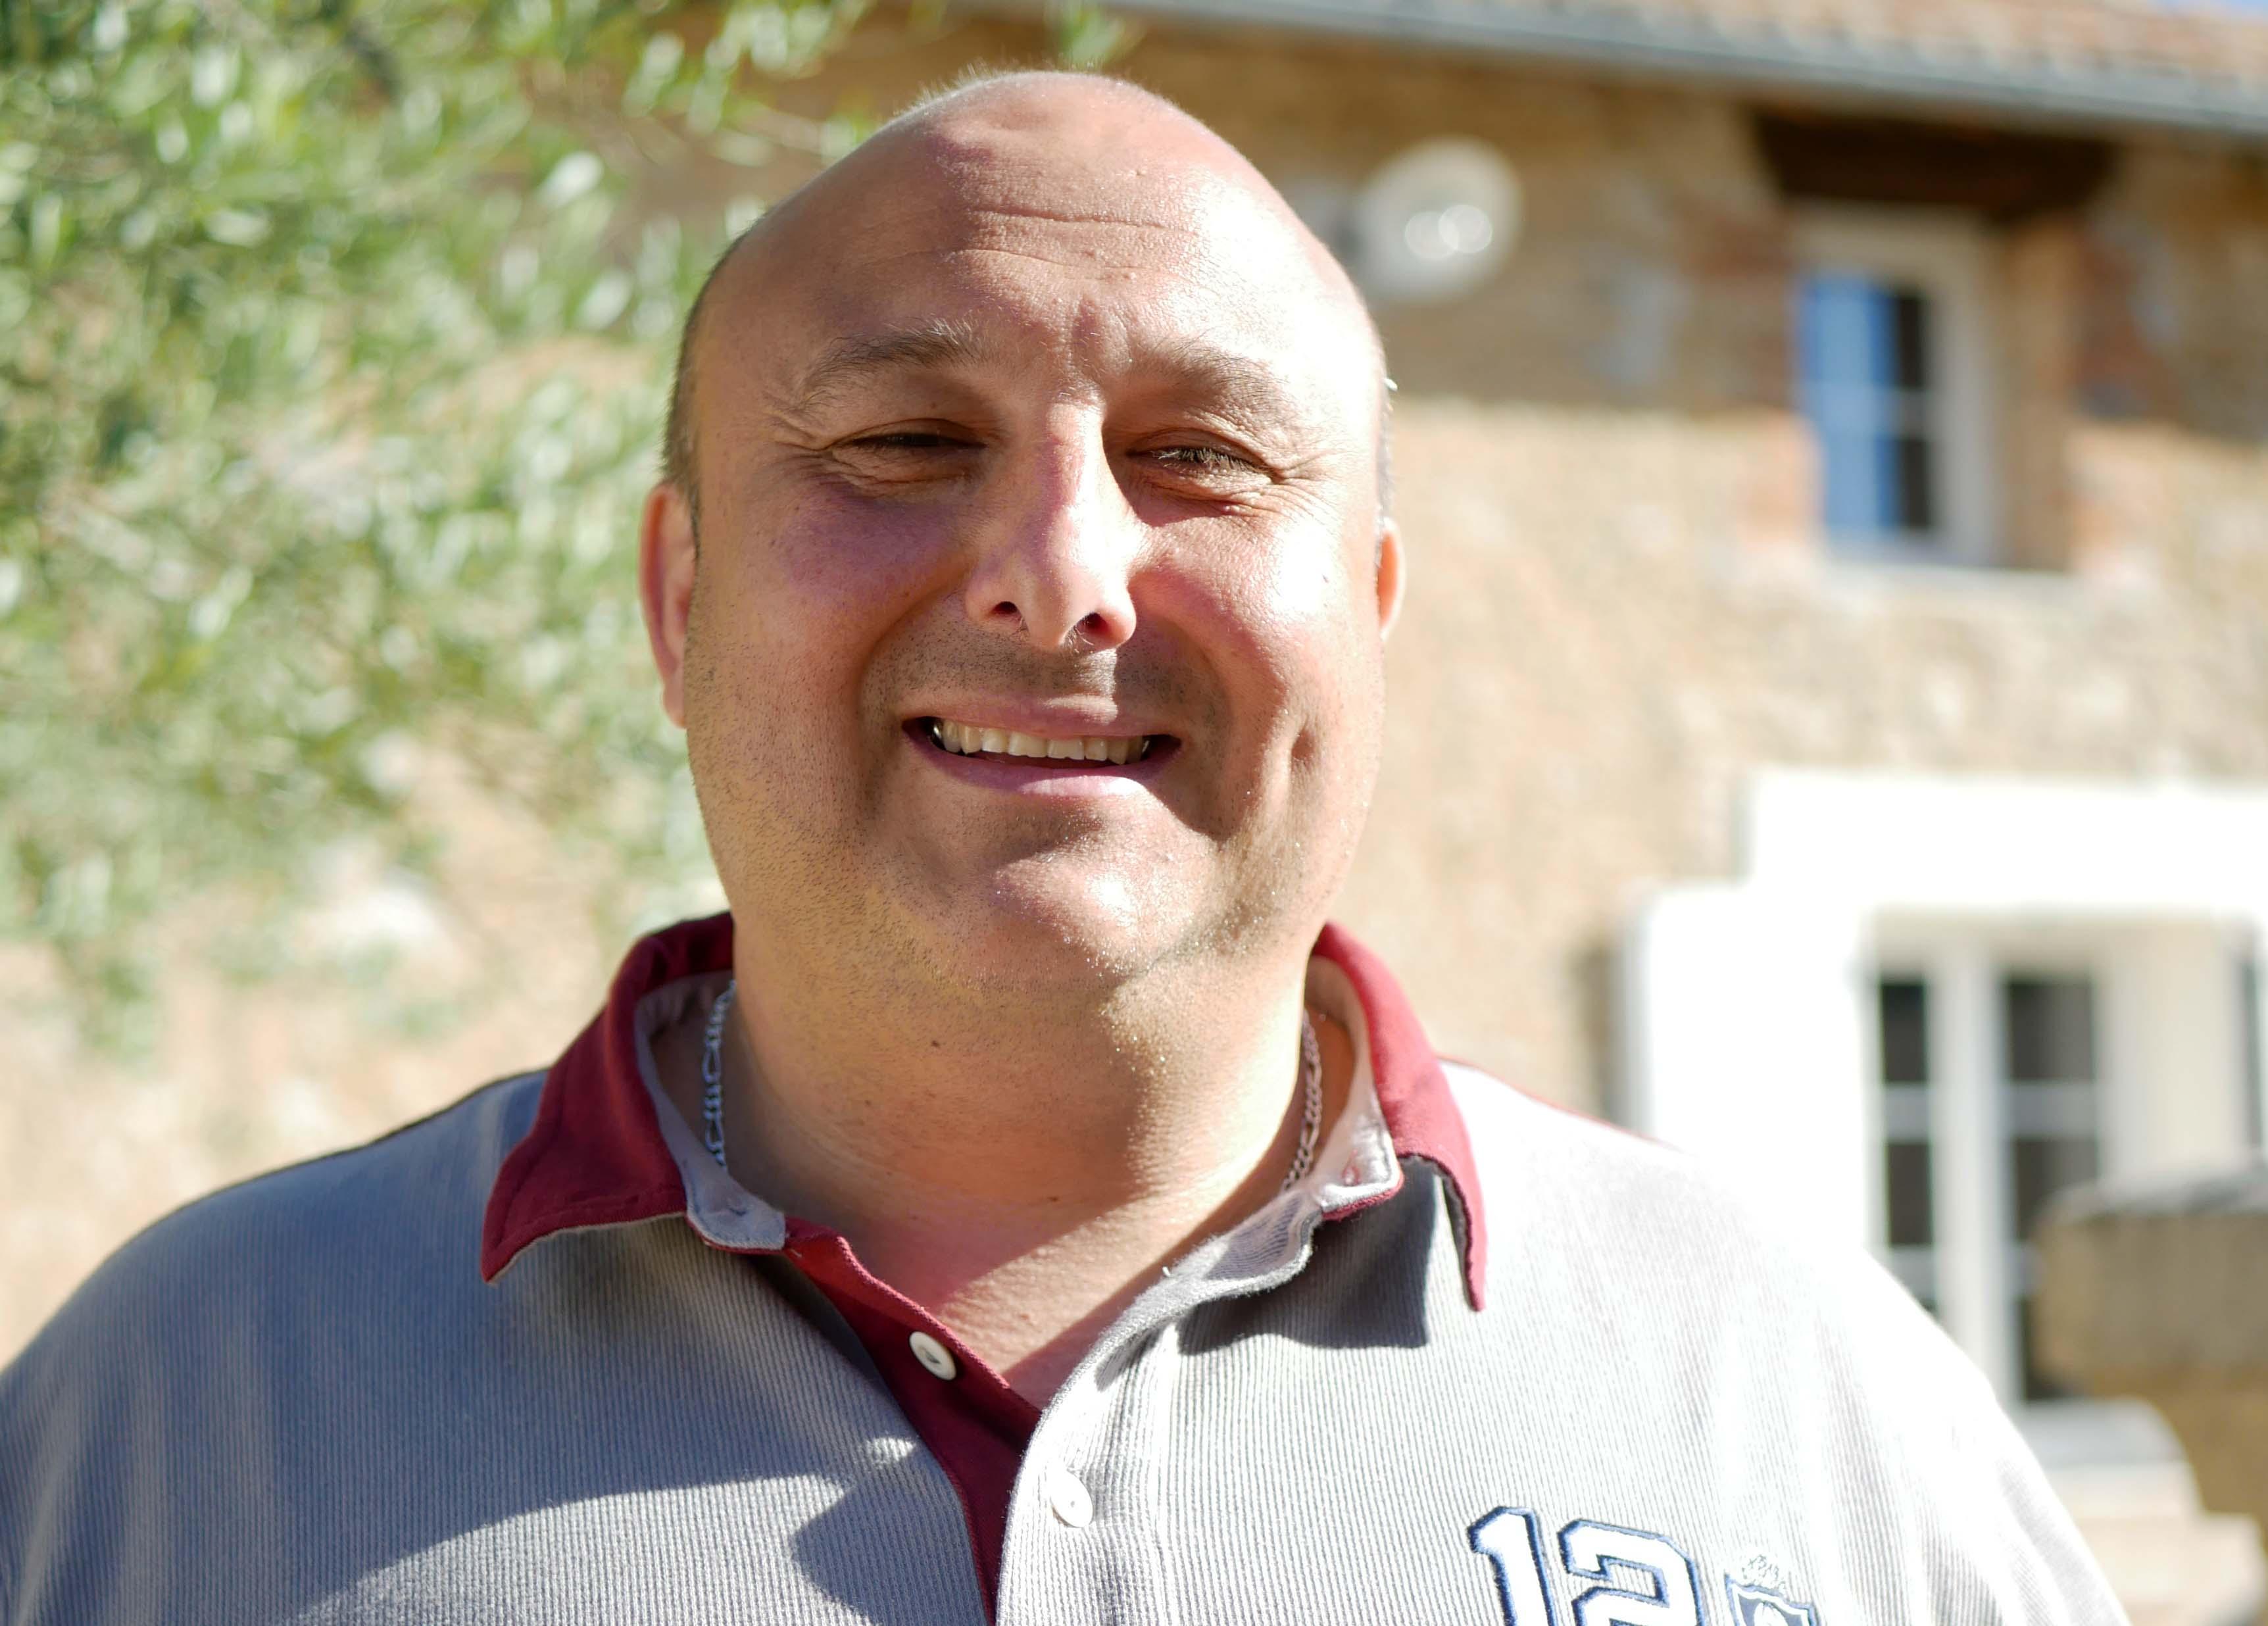 Olivier Foisnon